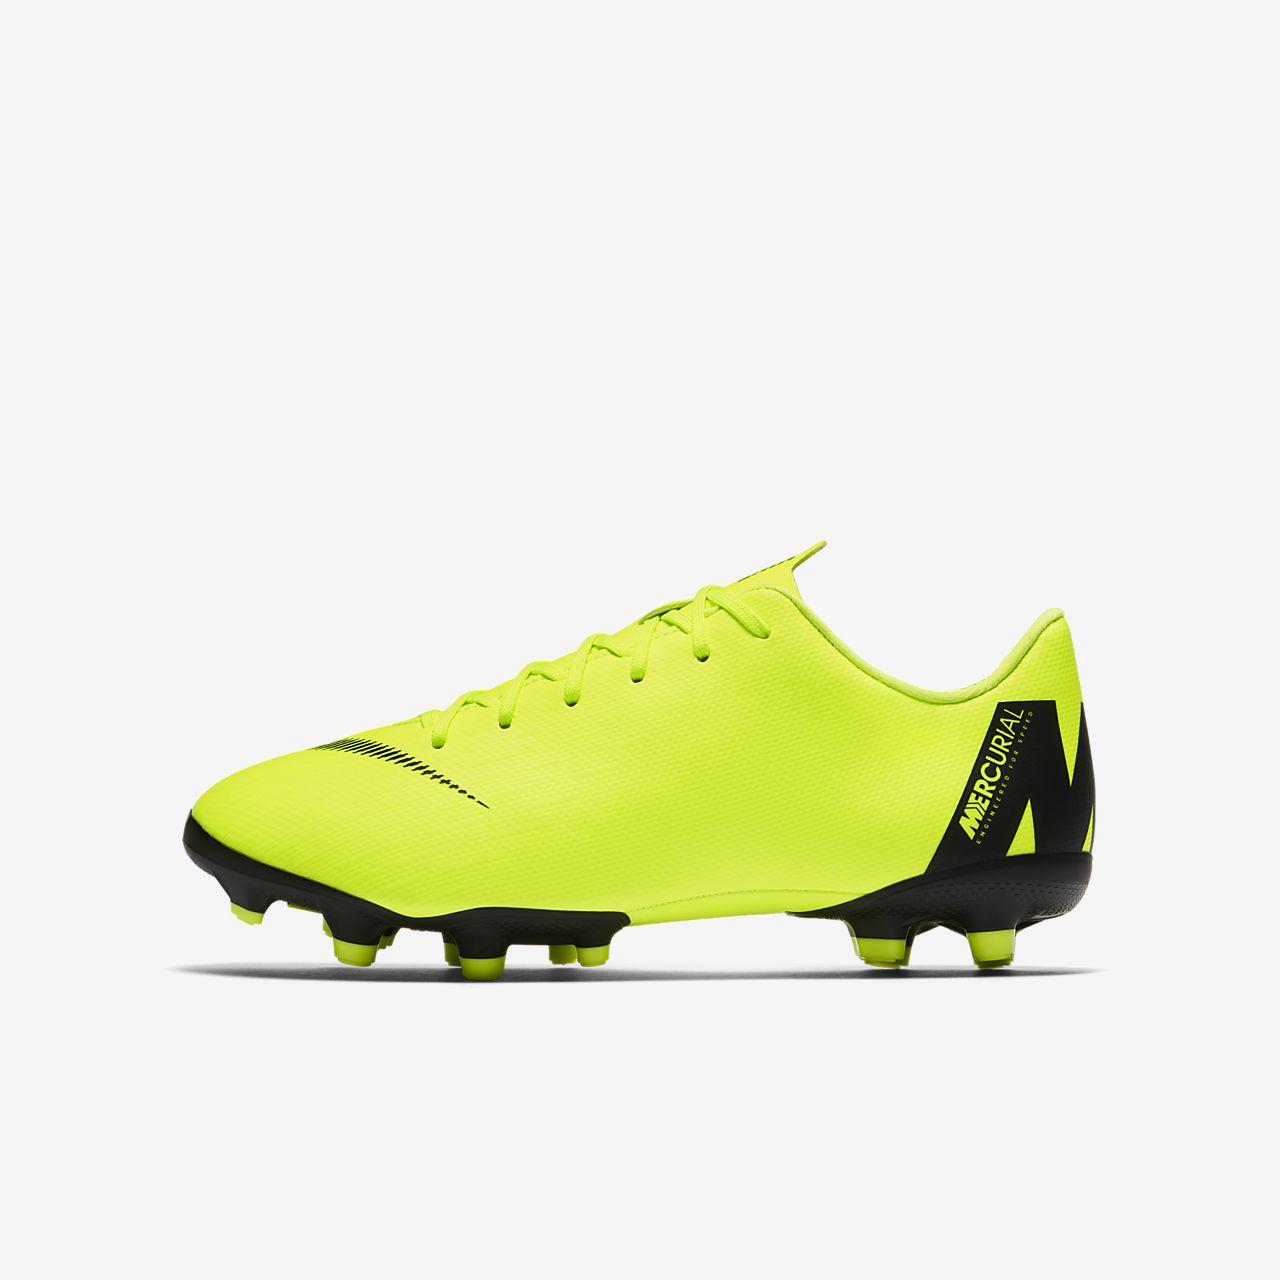 meet 2a2d4 065d4 Nike Jr. Mercurial Vapor XII Academy MG